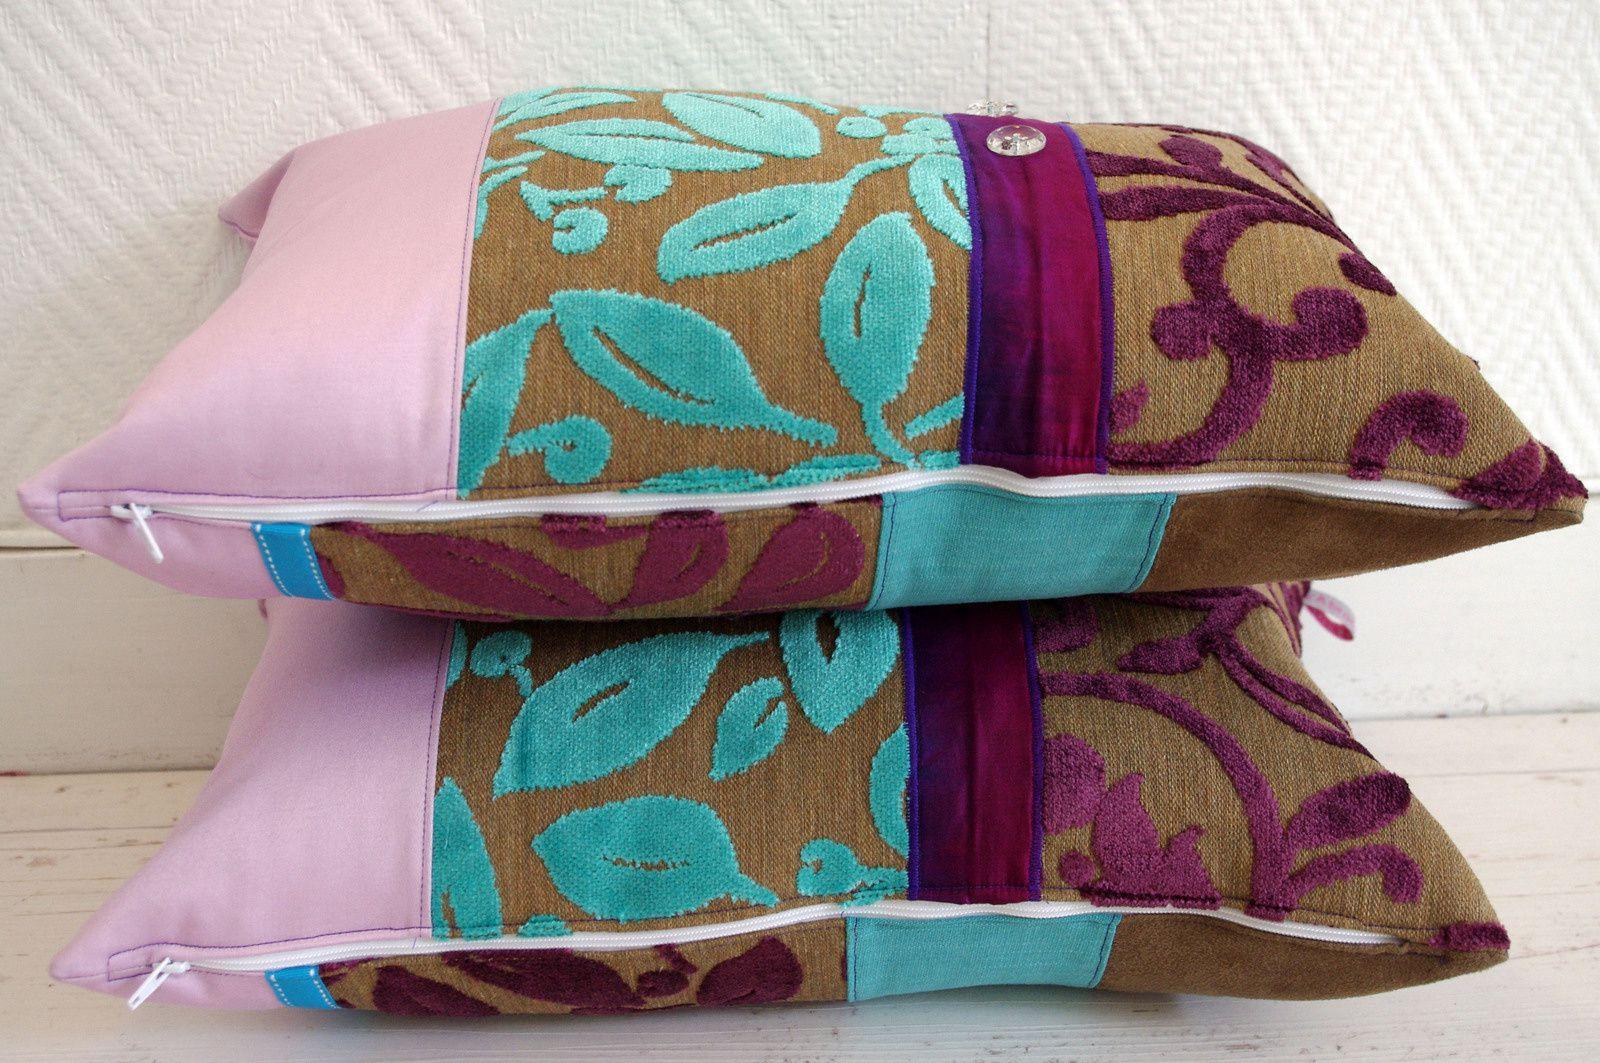 Coussins bohèmes turquoises et violet